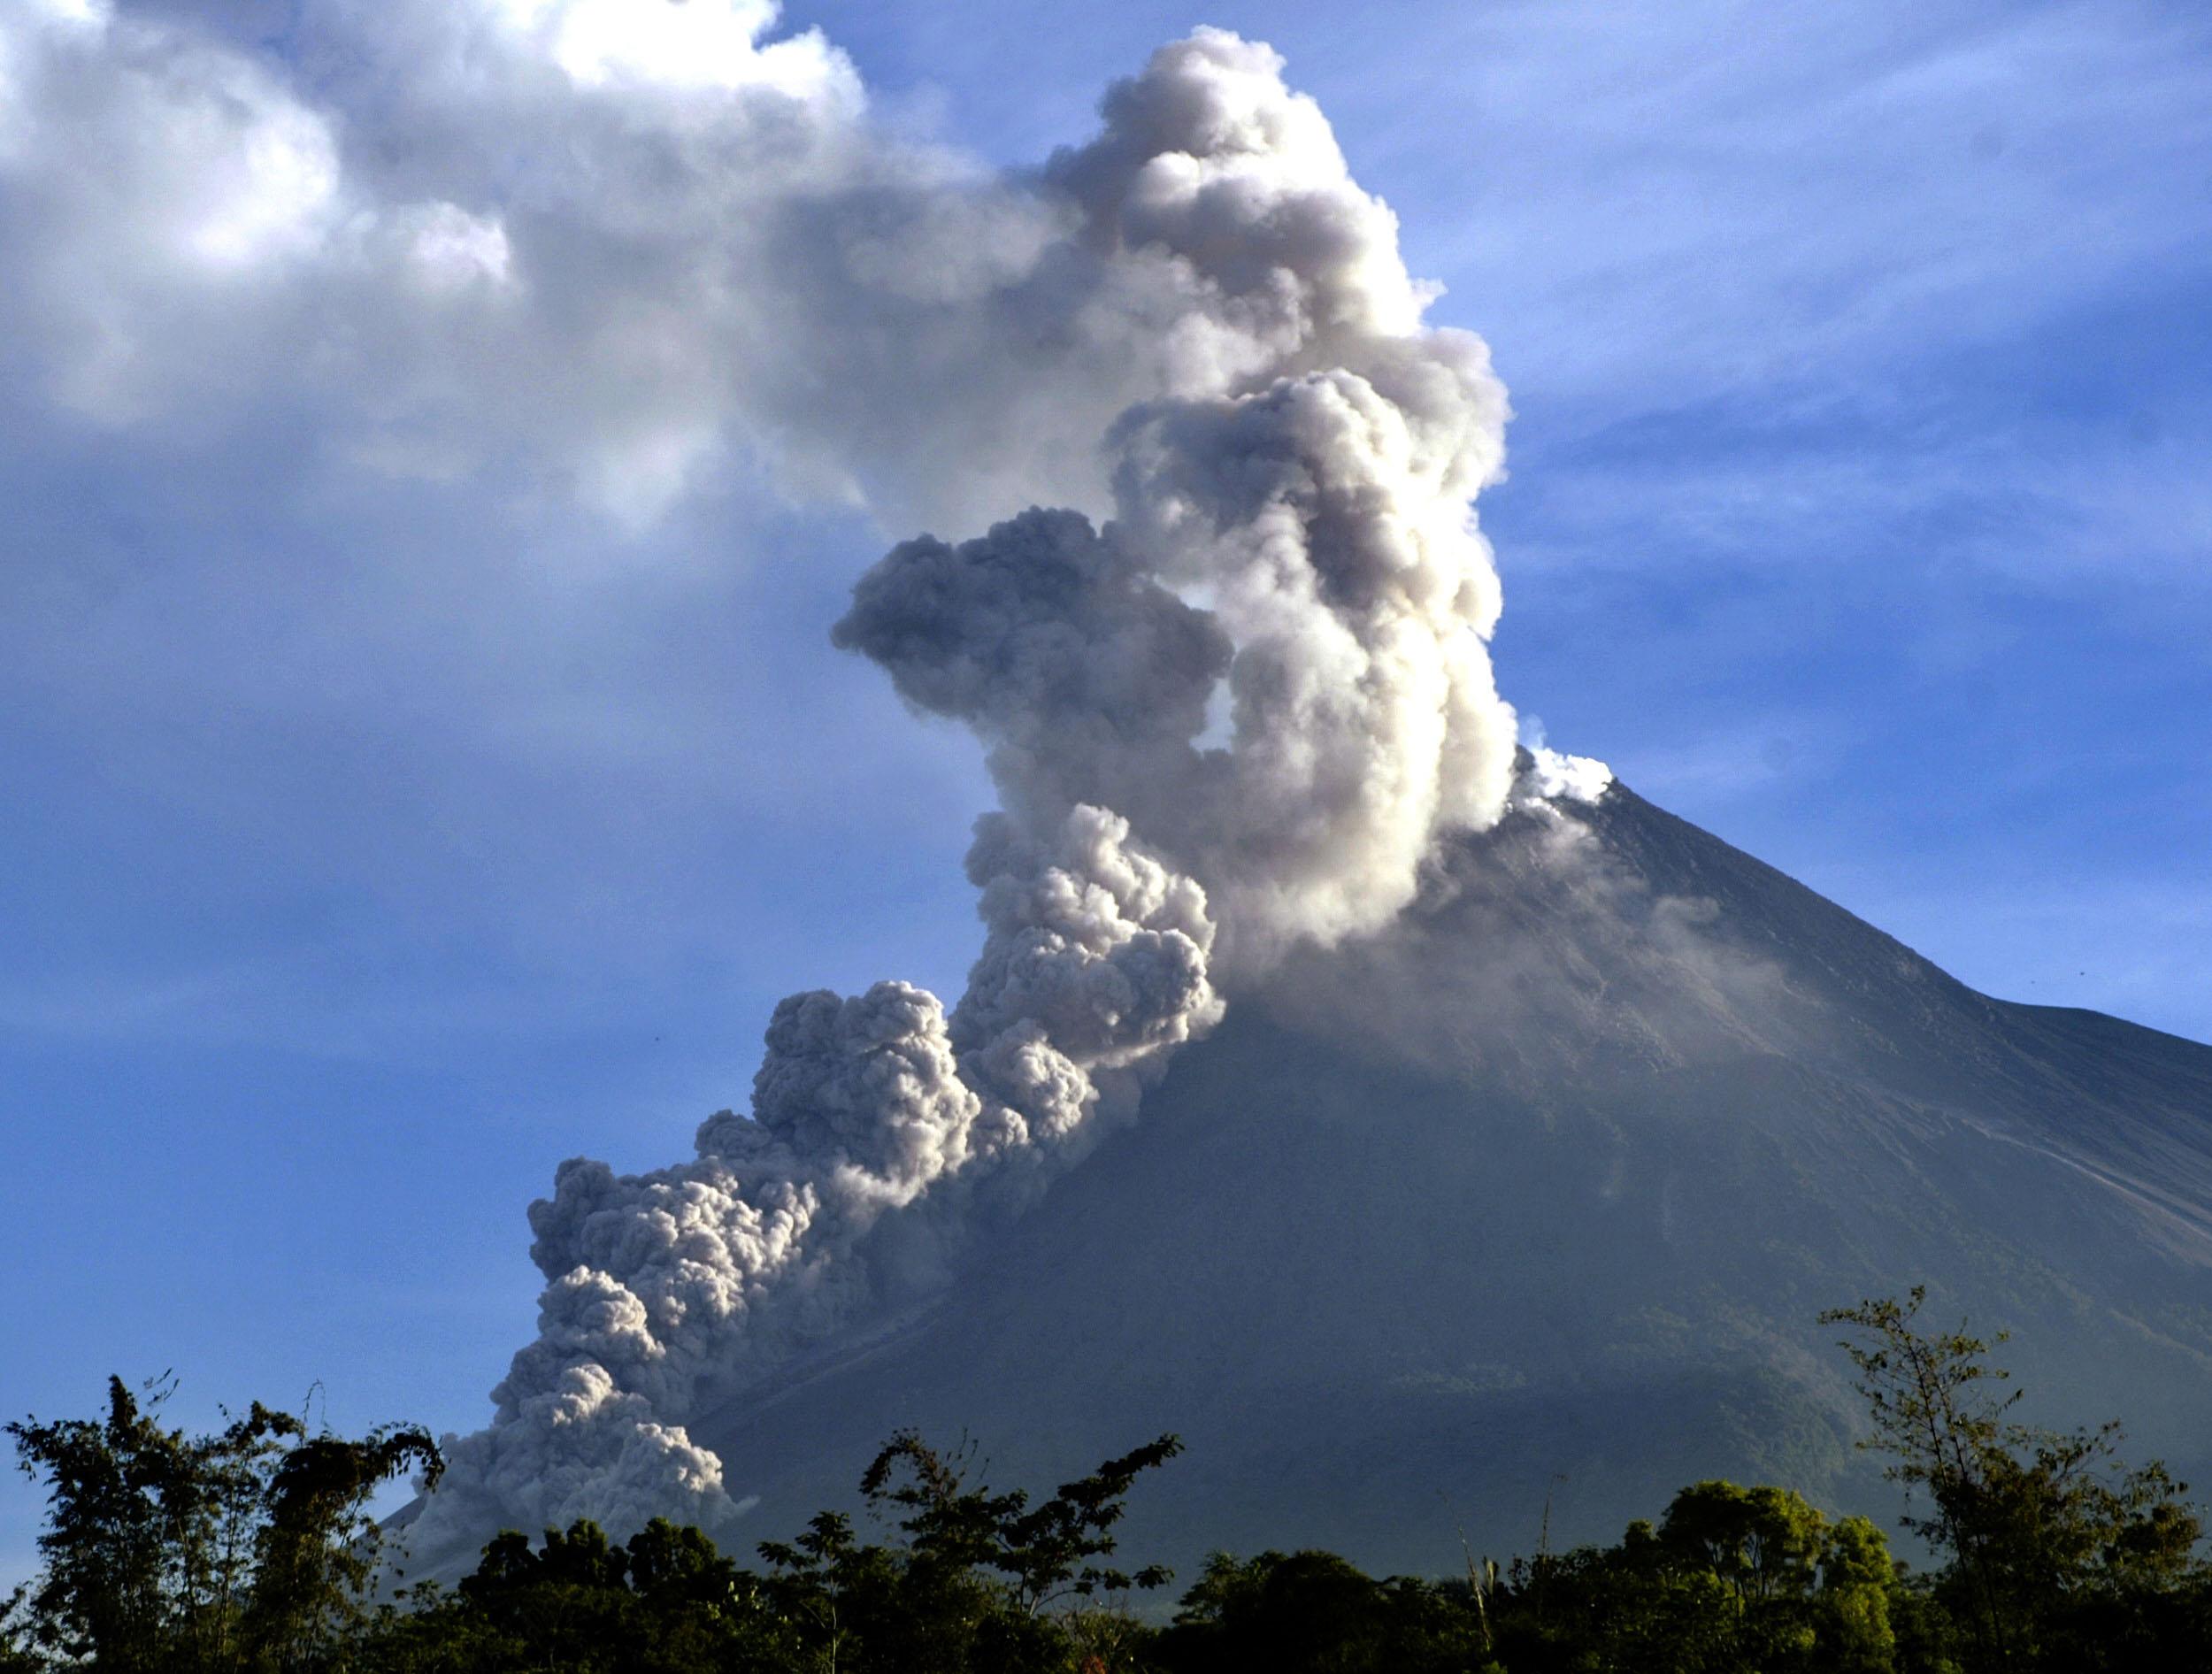 Foto-foto Gunung Merapi: Merapi Riwayatmu dulu dan kini